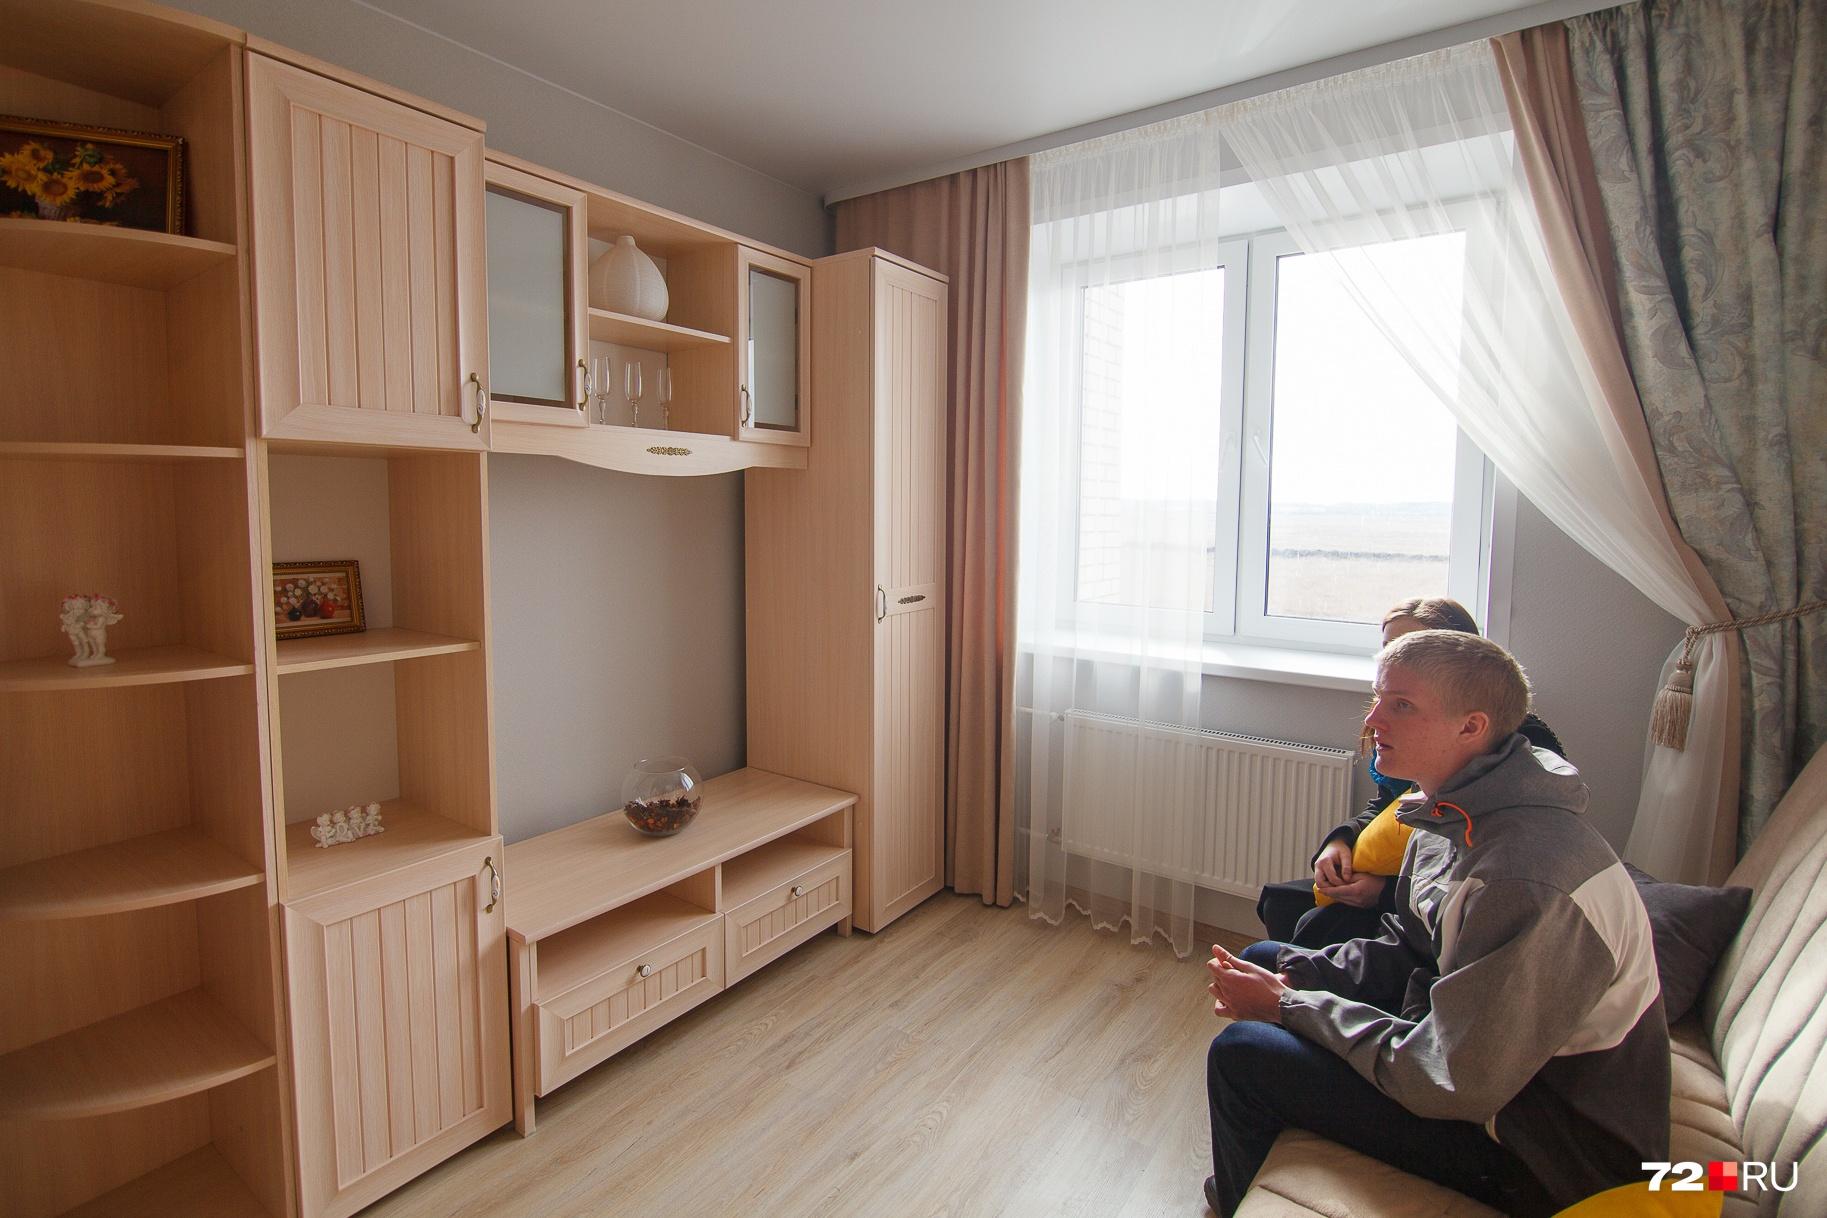 Эксперты советуют пойти на уступки арендаторам — это в конечном счете выгоднее, чем искать новых и терять деньги на «простое»